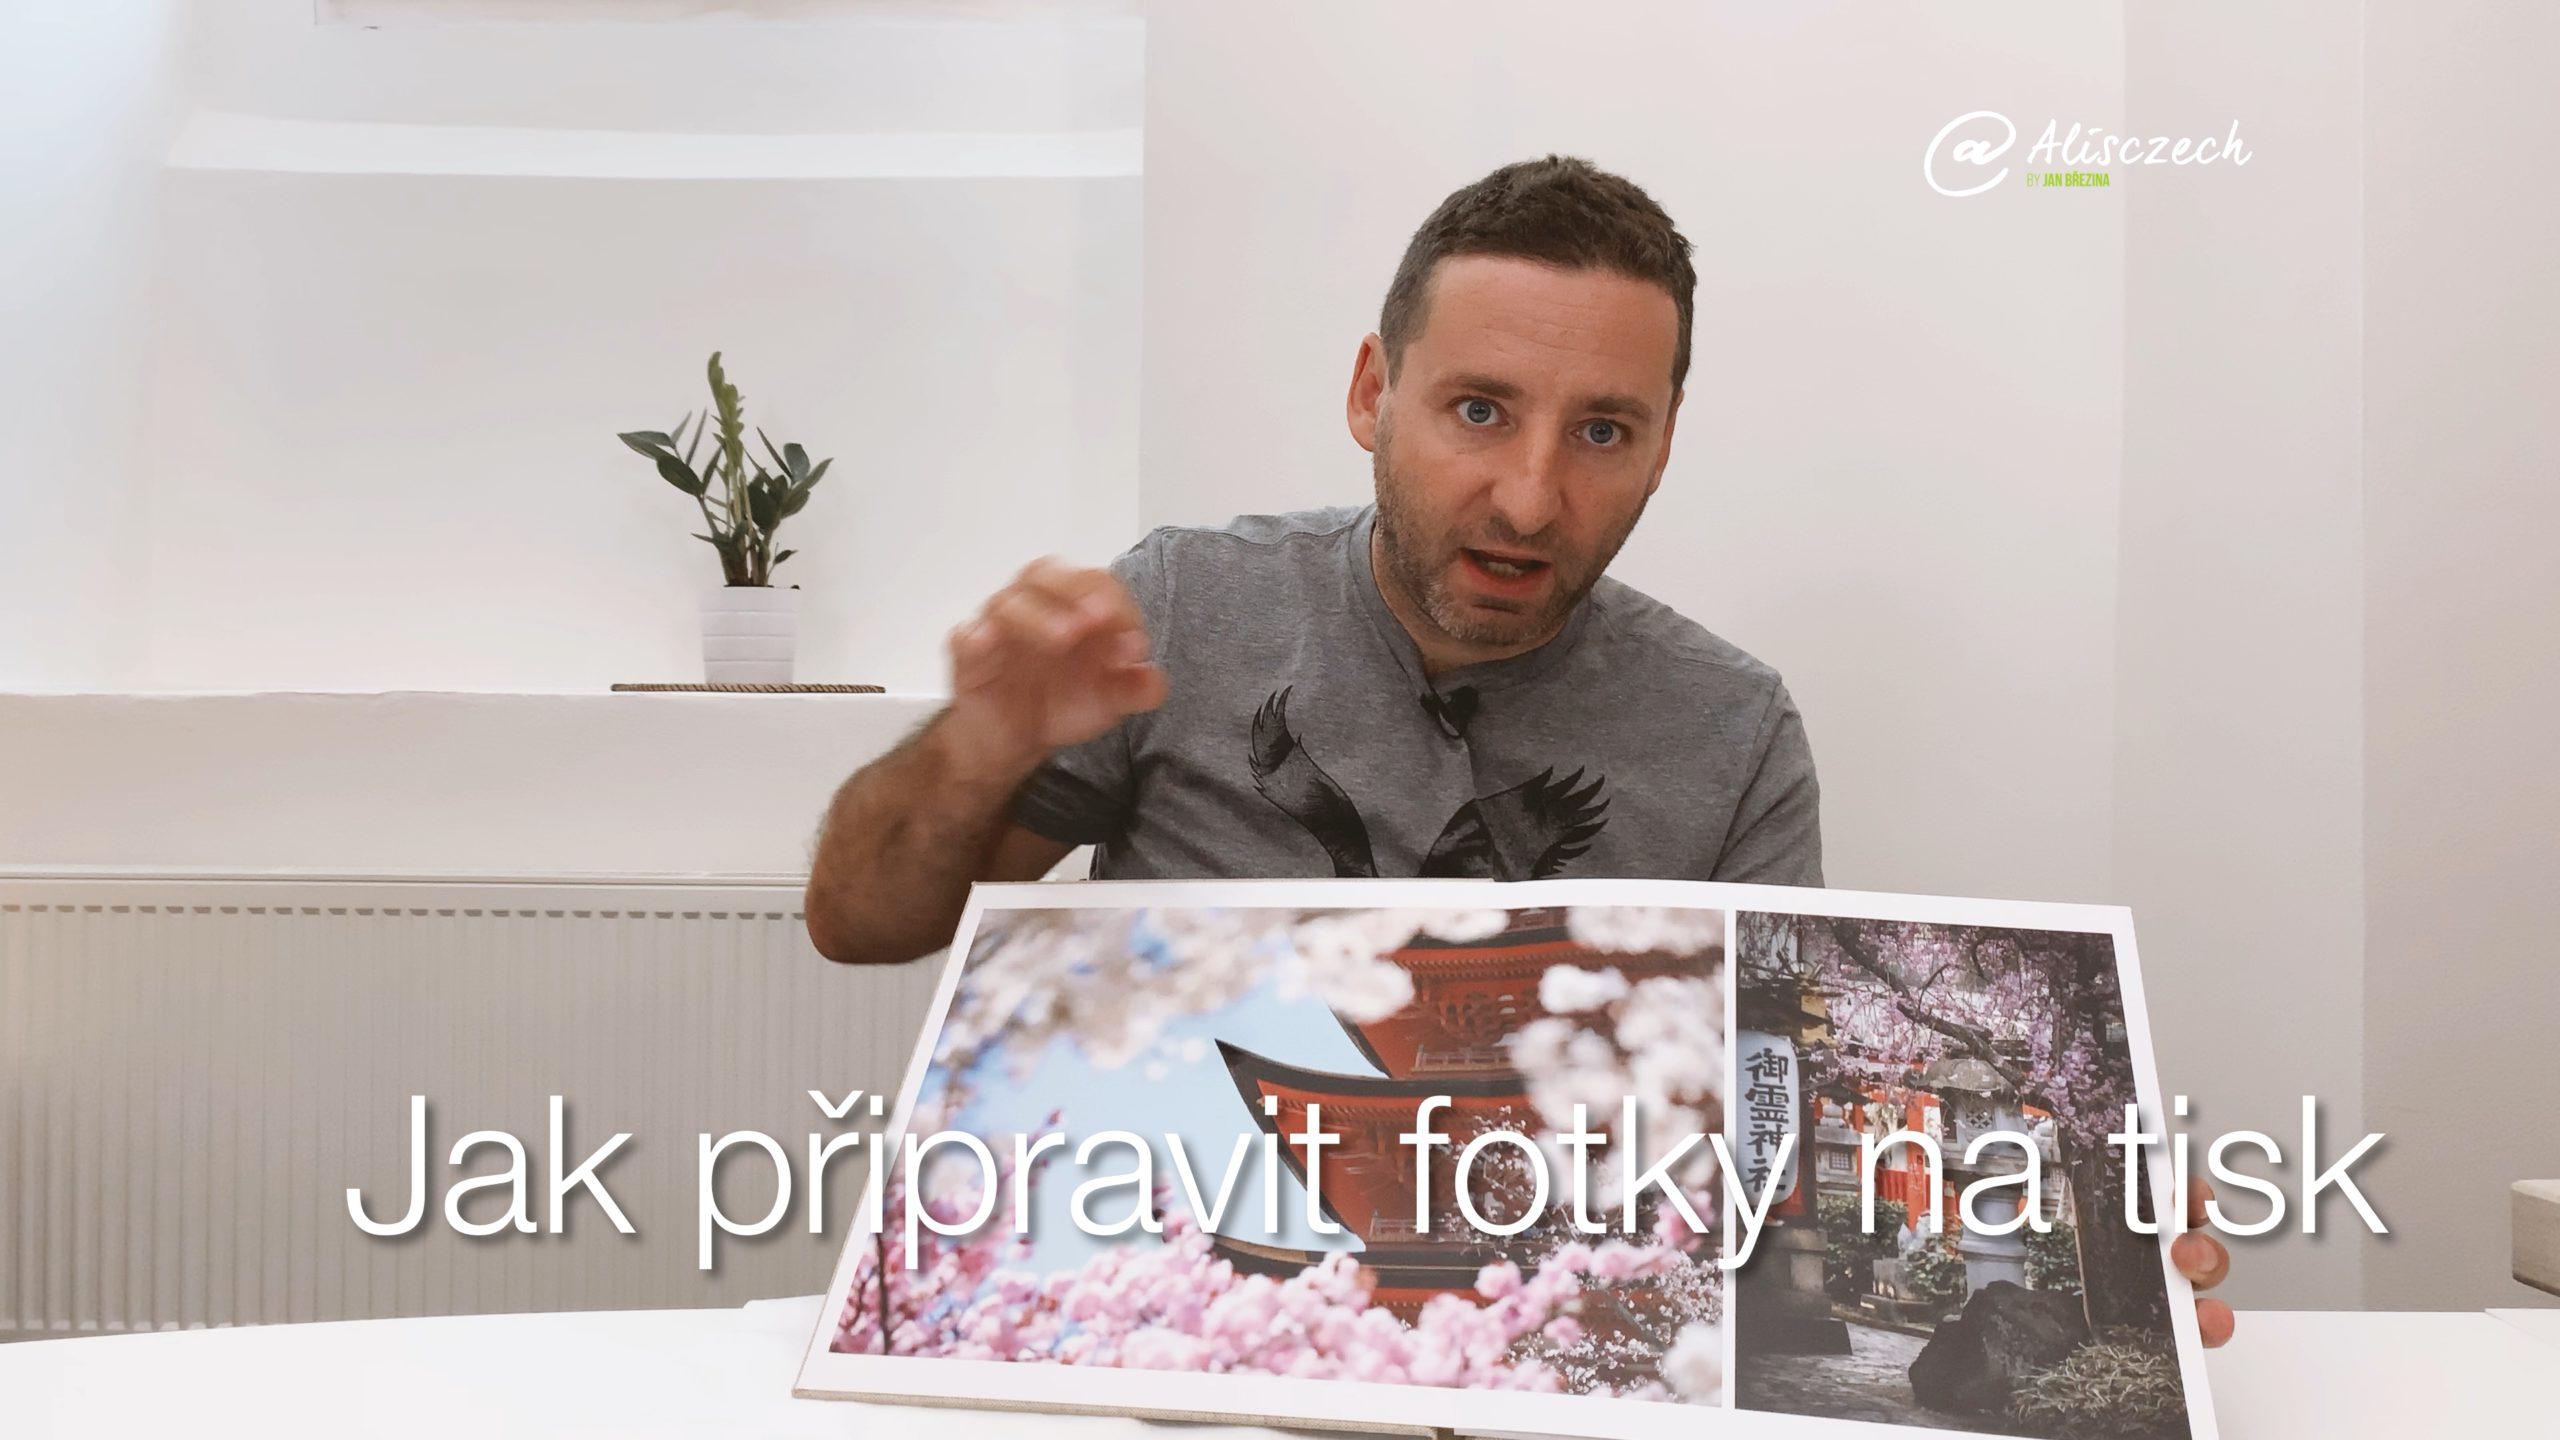 Jak připravit fotky pro tisk